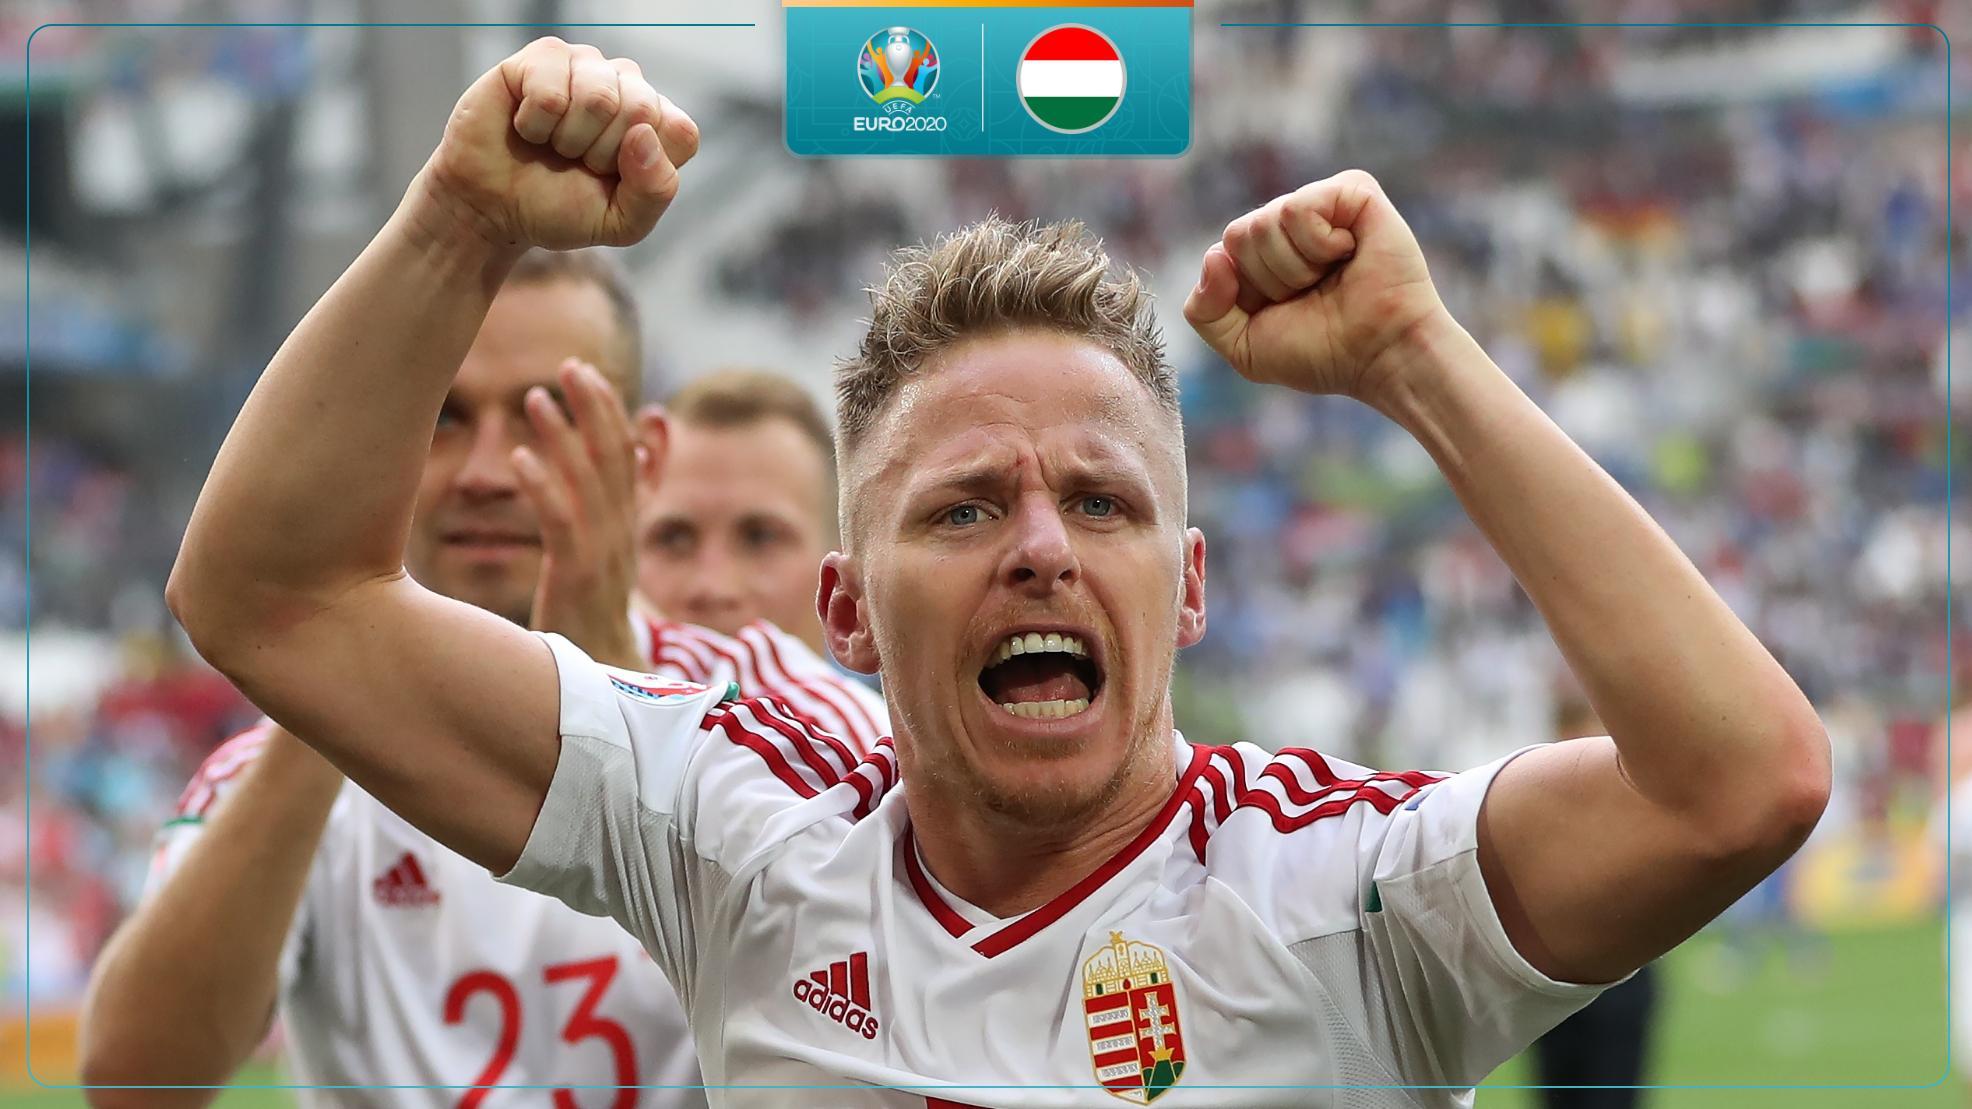 Участники ЕВРО-2020: Венгрия | ЕВРО-2020 | UEFA.com